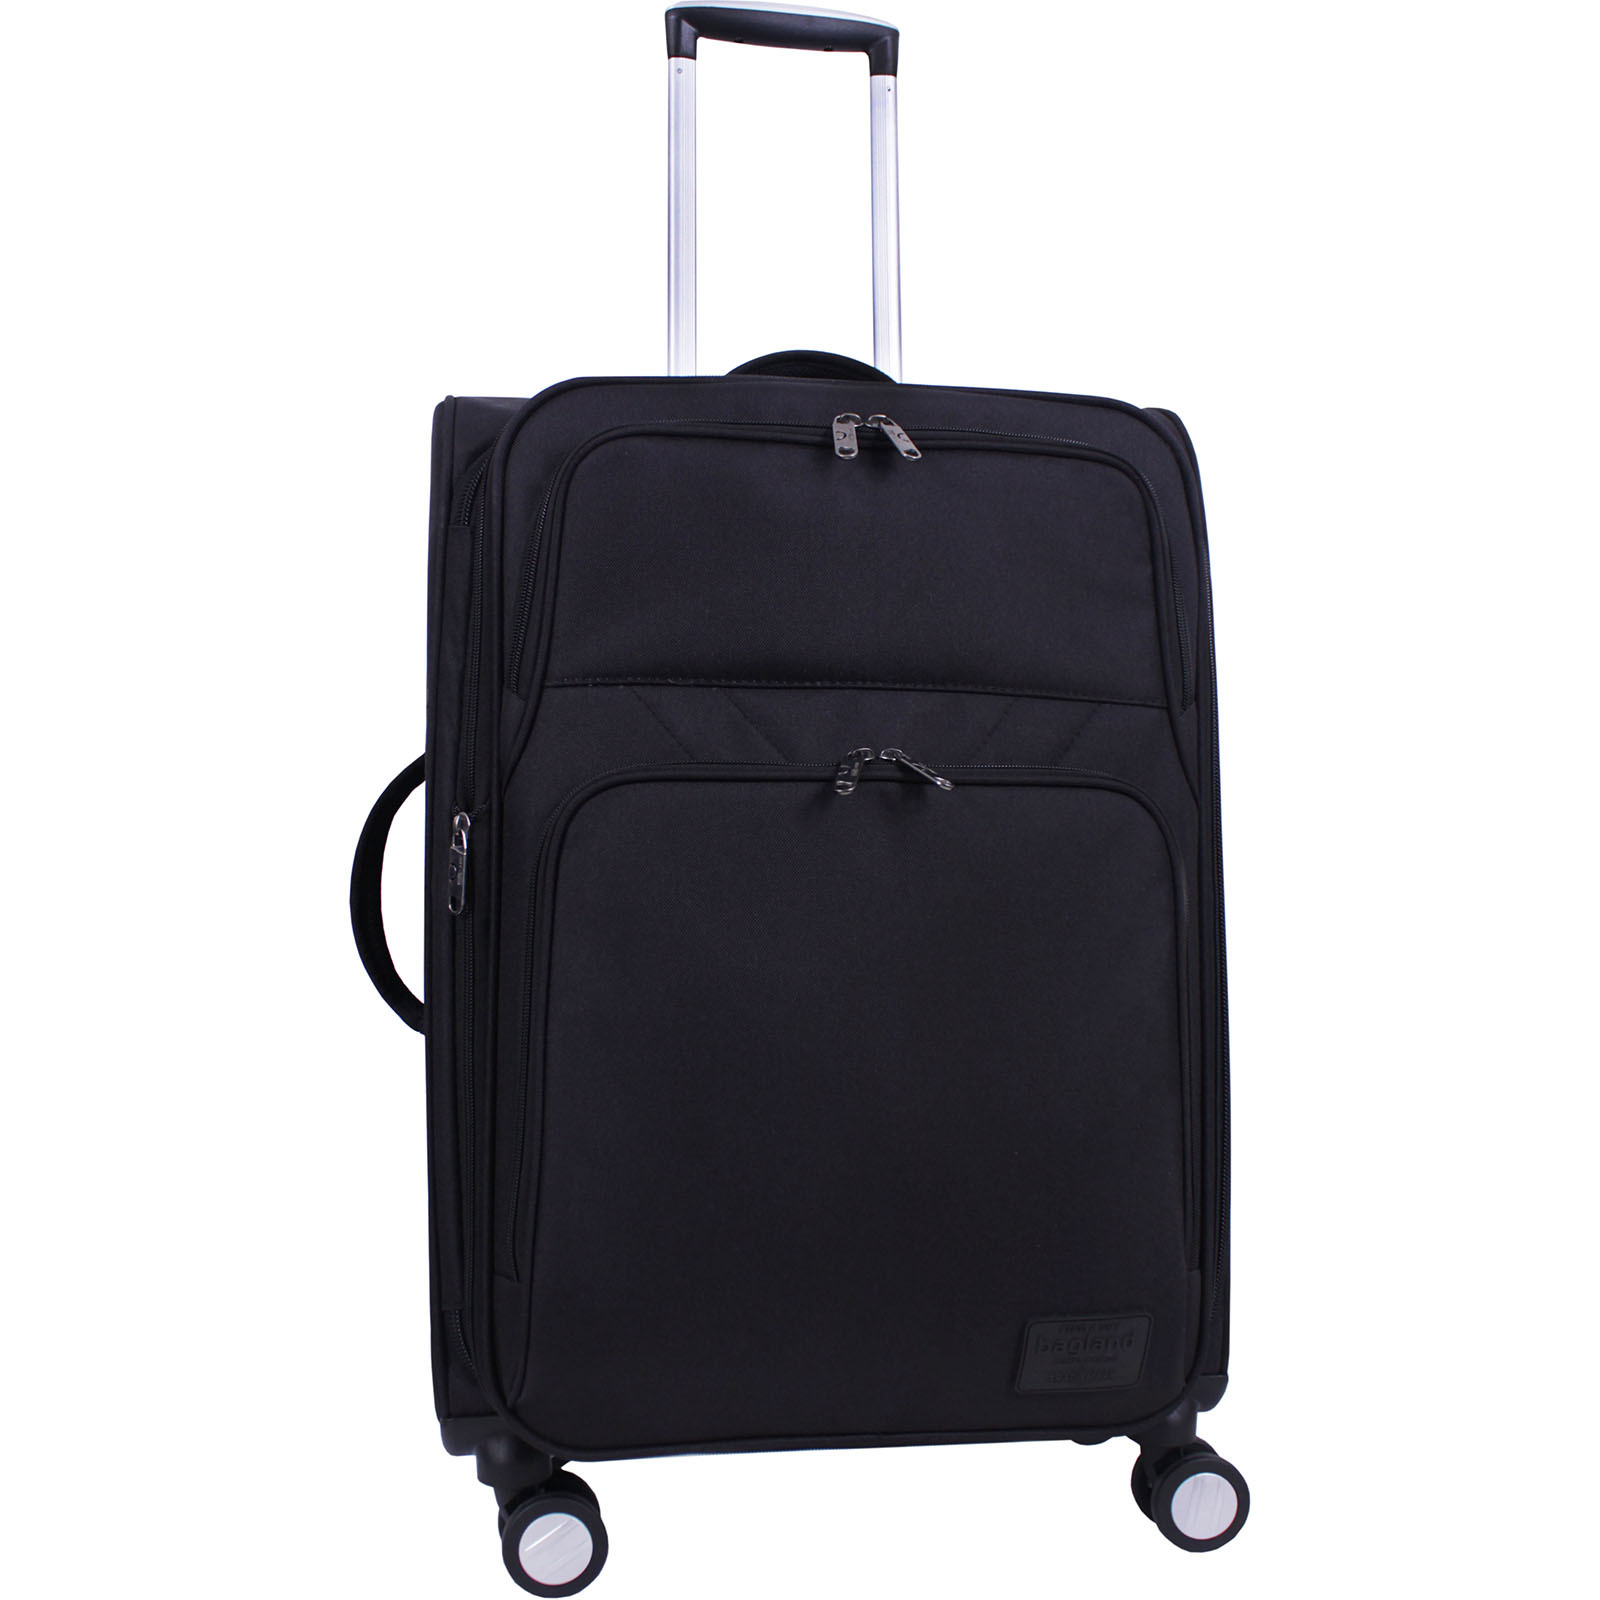 Дорожные чемоданы Чемодан Bagland Валенсия средний 63 л. Чёрный (003796624) IMG_6828.JPG